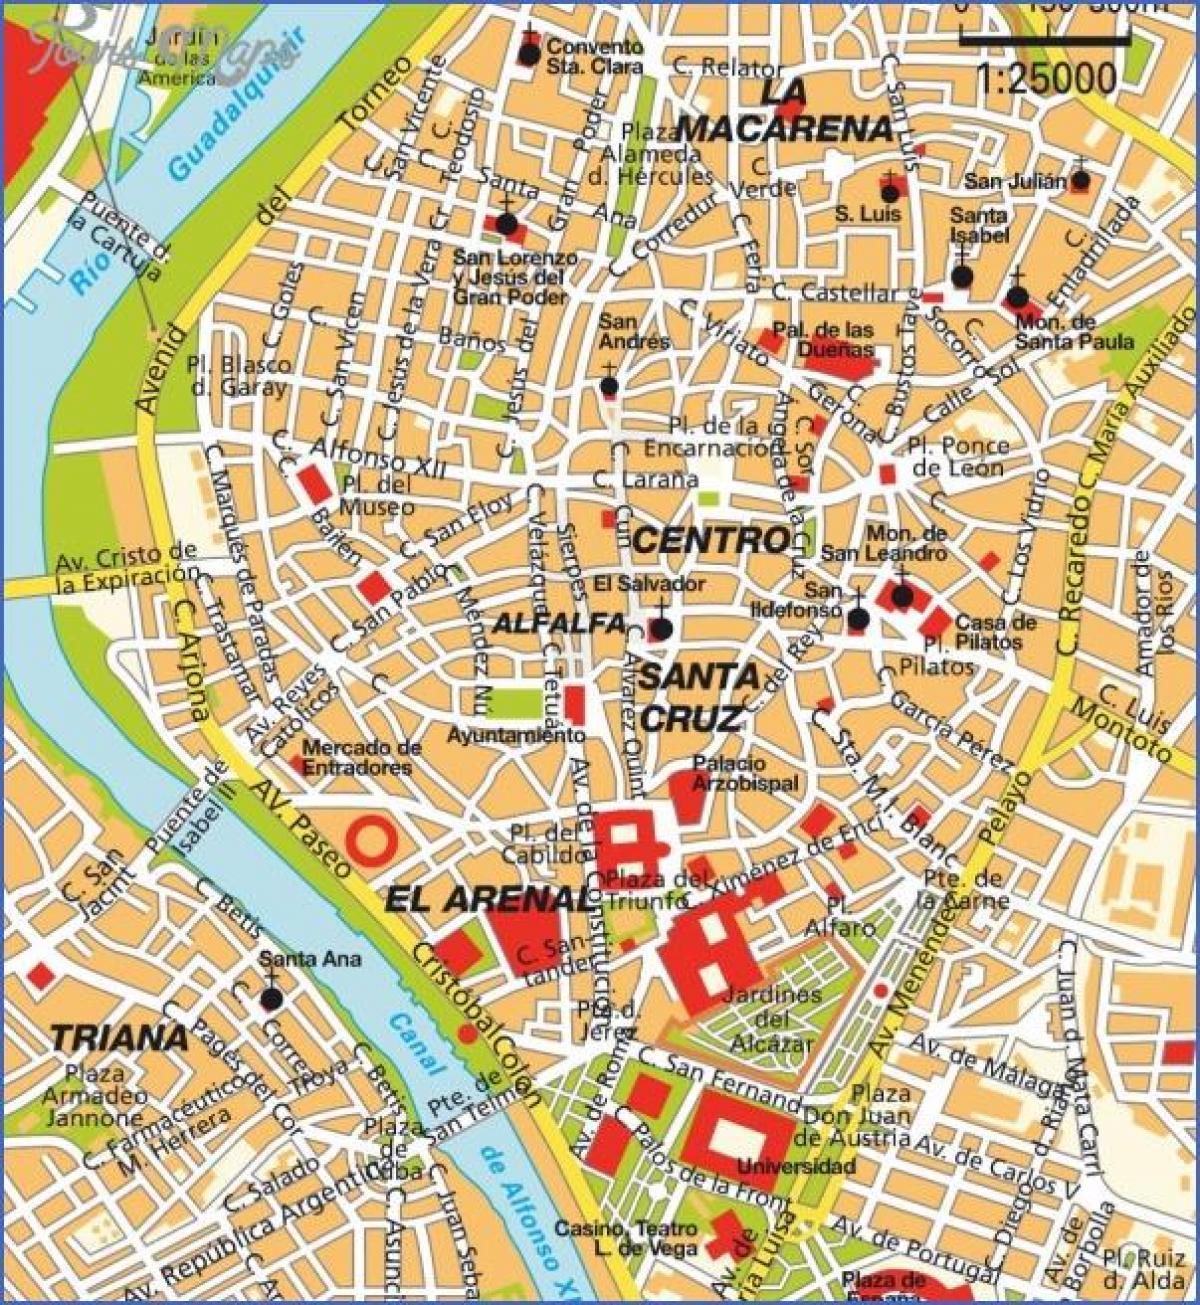 Siviglia Cartina.Siviglia Mappa Turistica Siviglia Attrazioni Mappa Andalusia Spagna